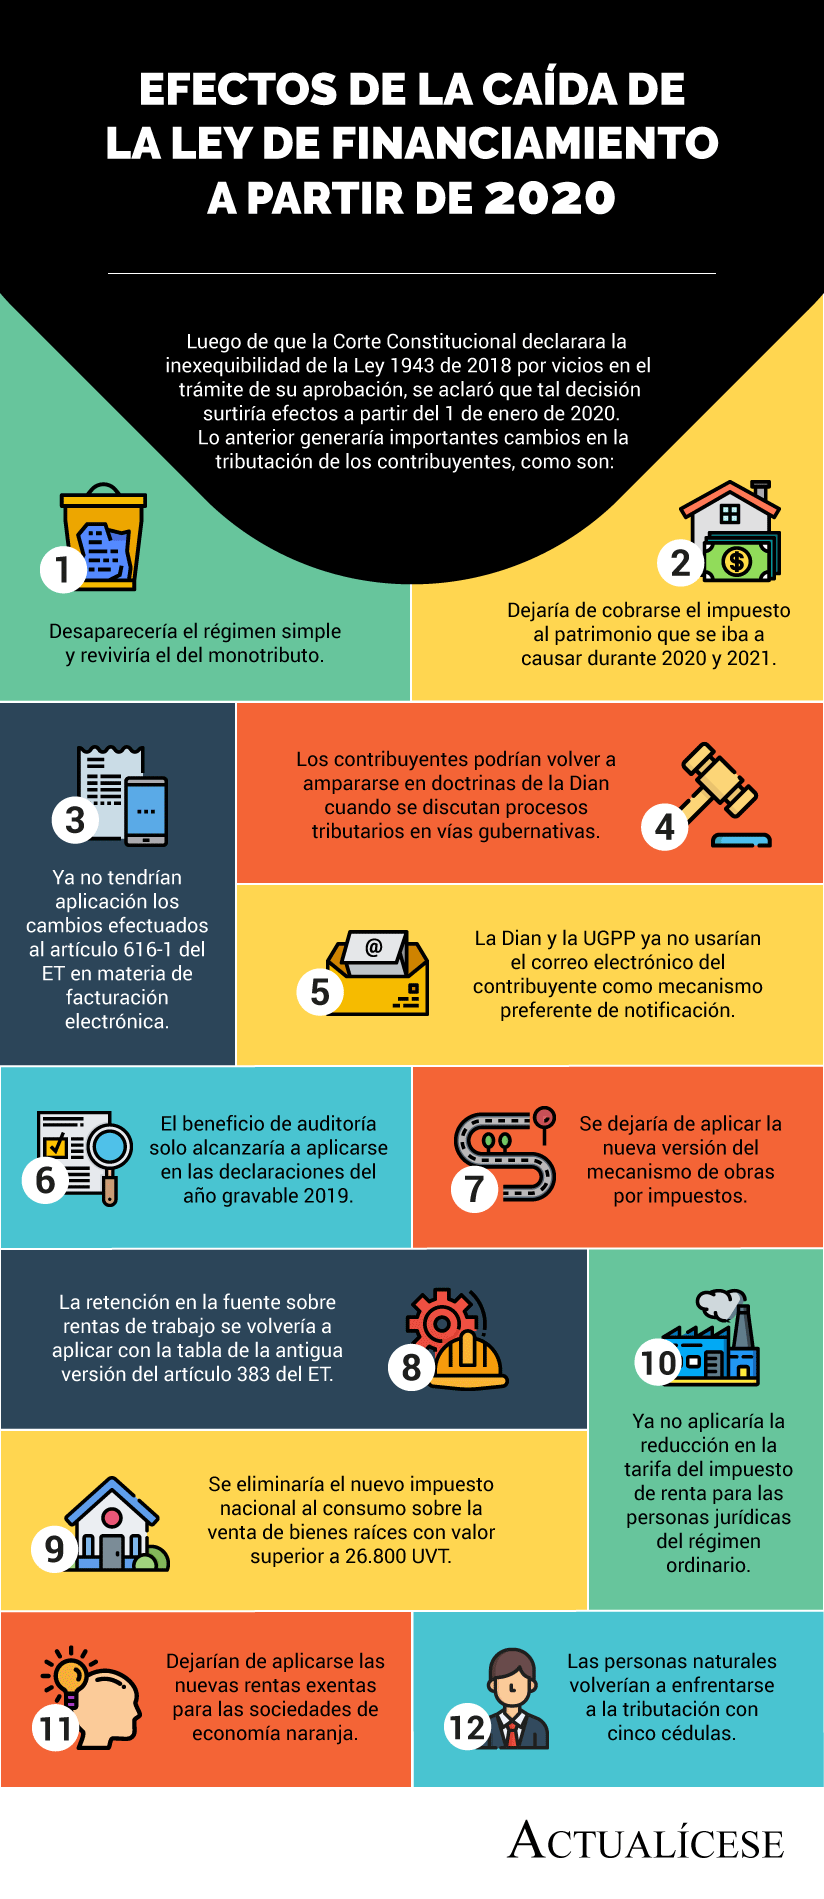 [Infografía] Efectos de la caída de la Ley de financiamiento a partir de 2020